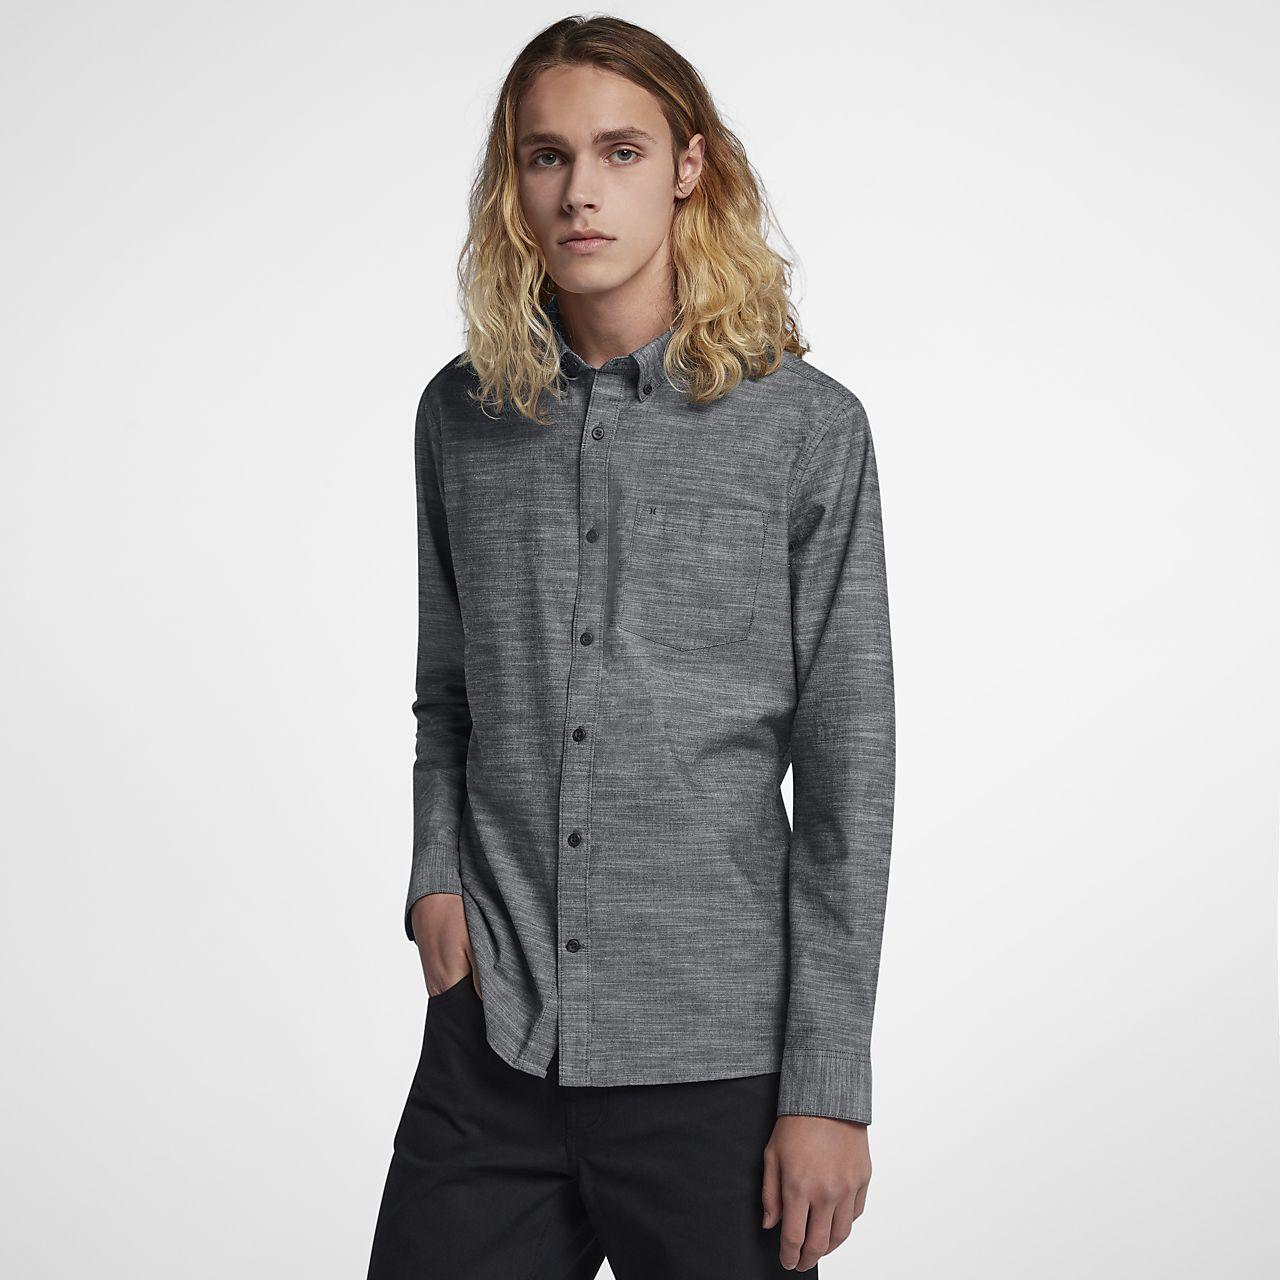 Långärmad t-shirt Hurley One And Only för män